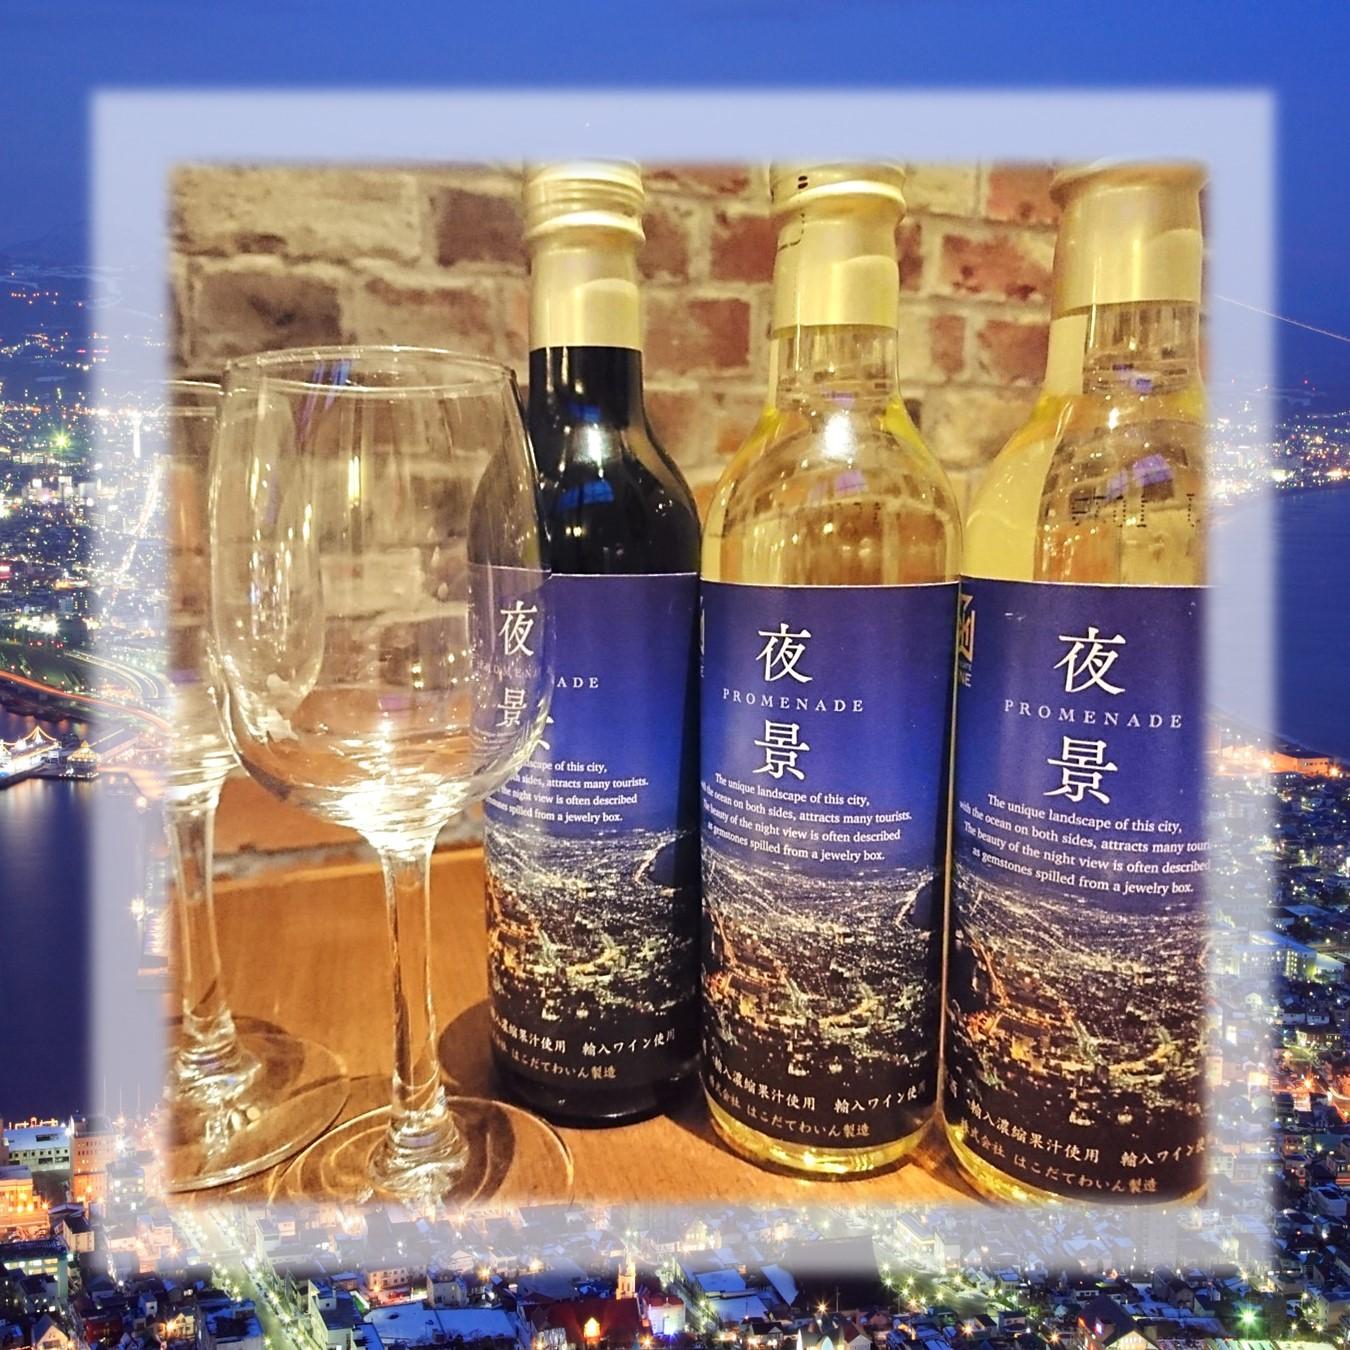 【イチオシ】はこだてワインで乾杯☆北海道一位の朝食バイキング付き!レイトC/IN 16時〜